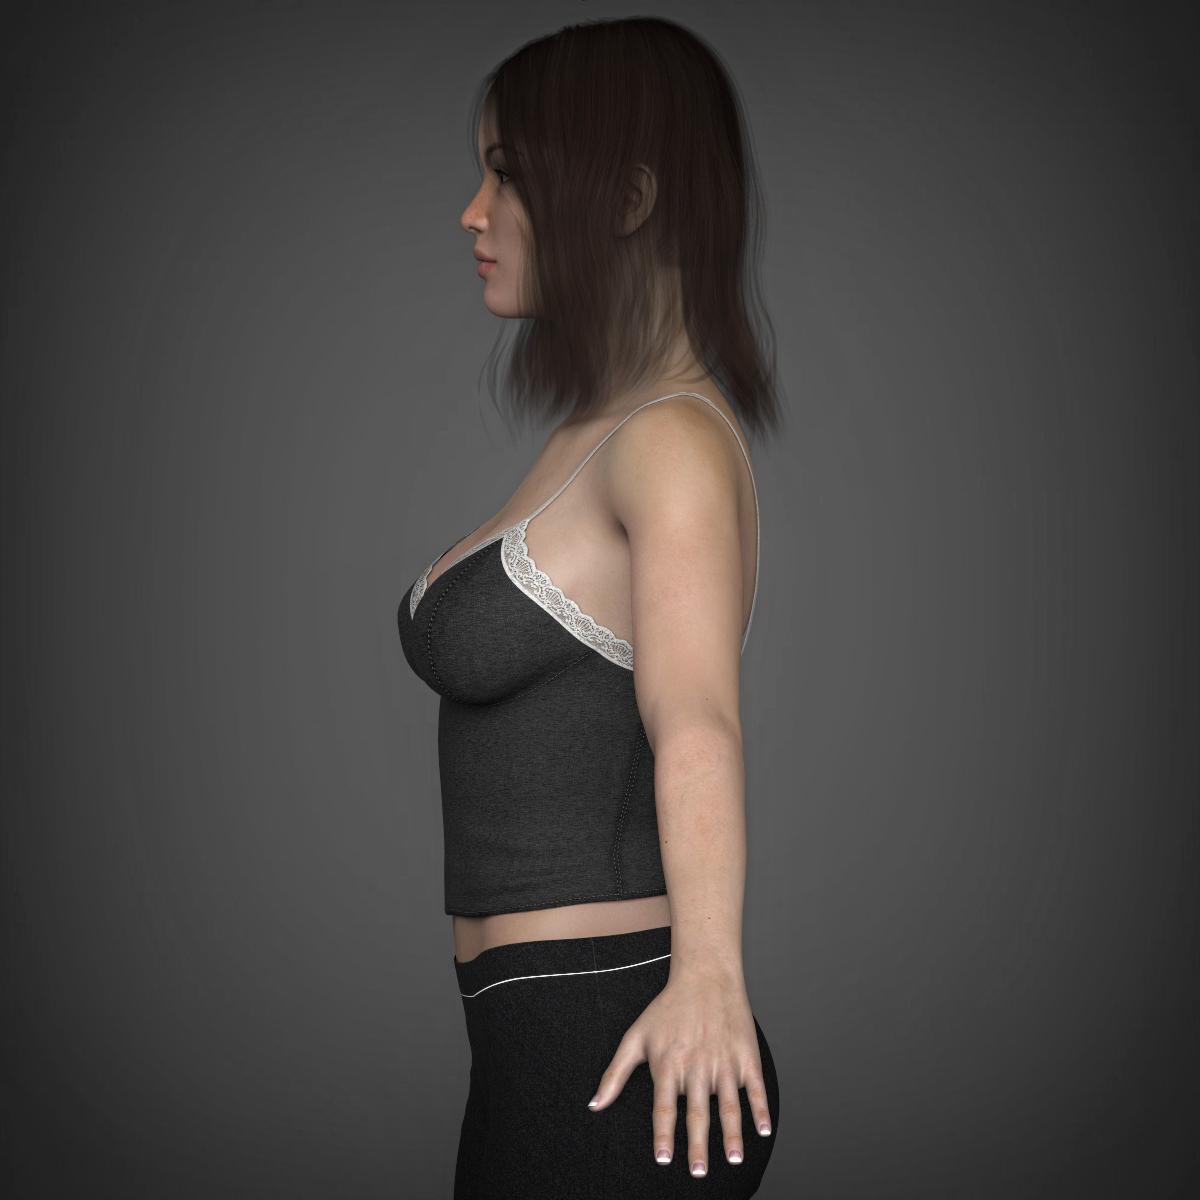 young beautiful woman 3d model max fbx c4d ma mb texture obj 223025